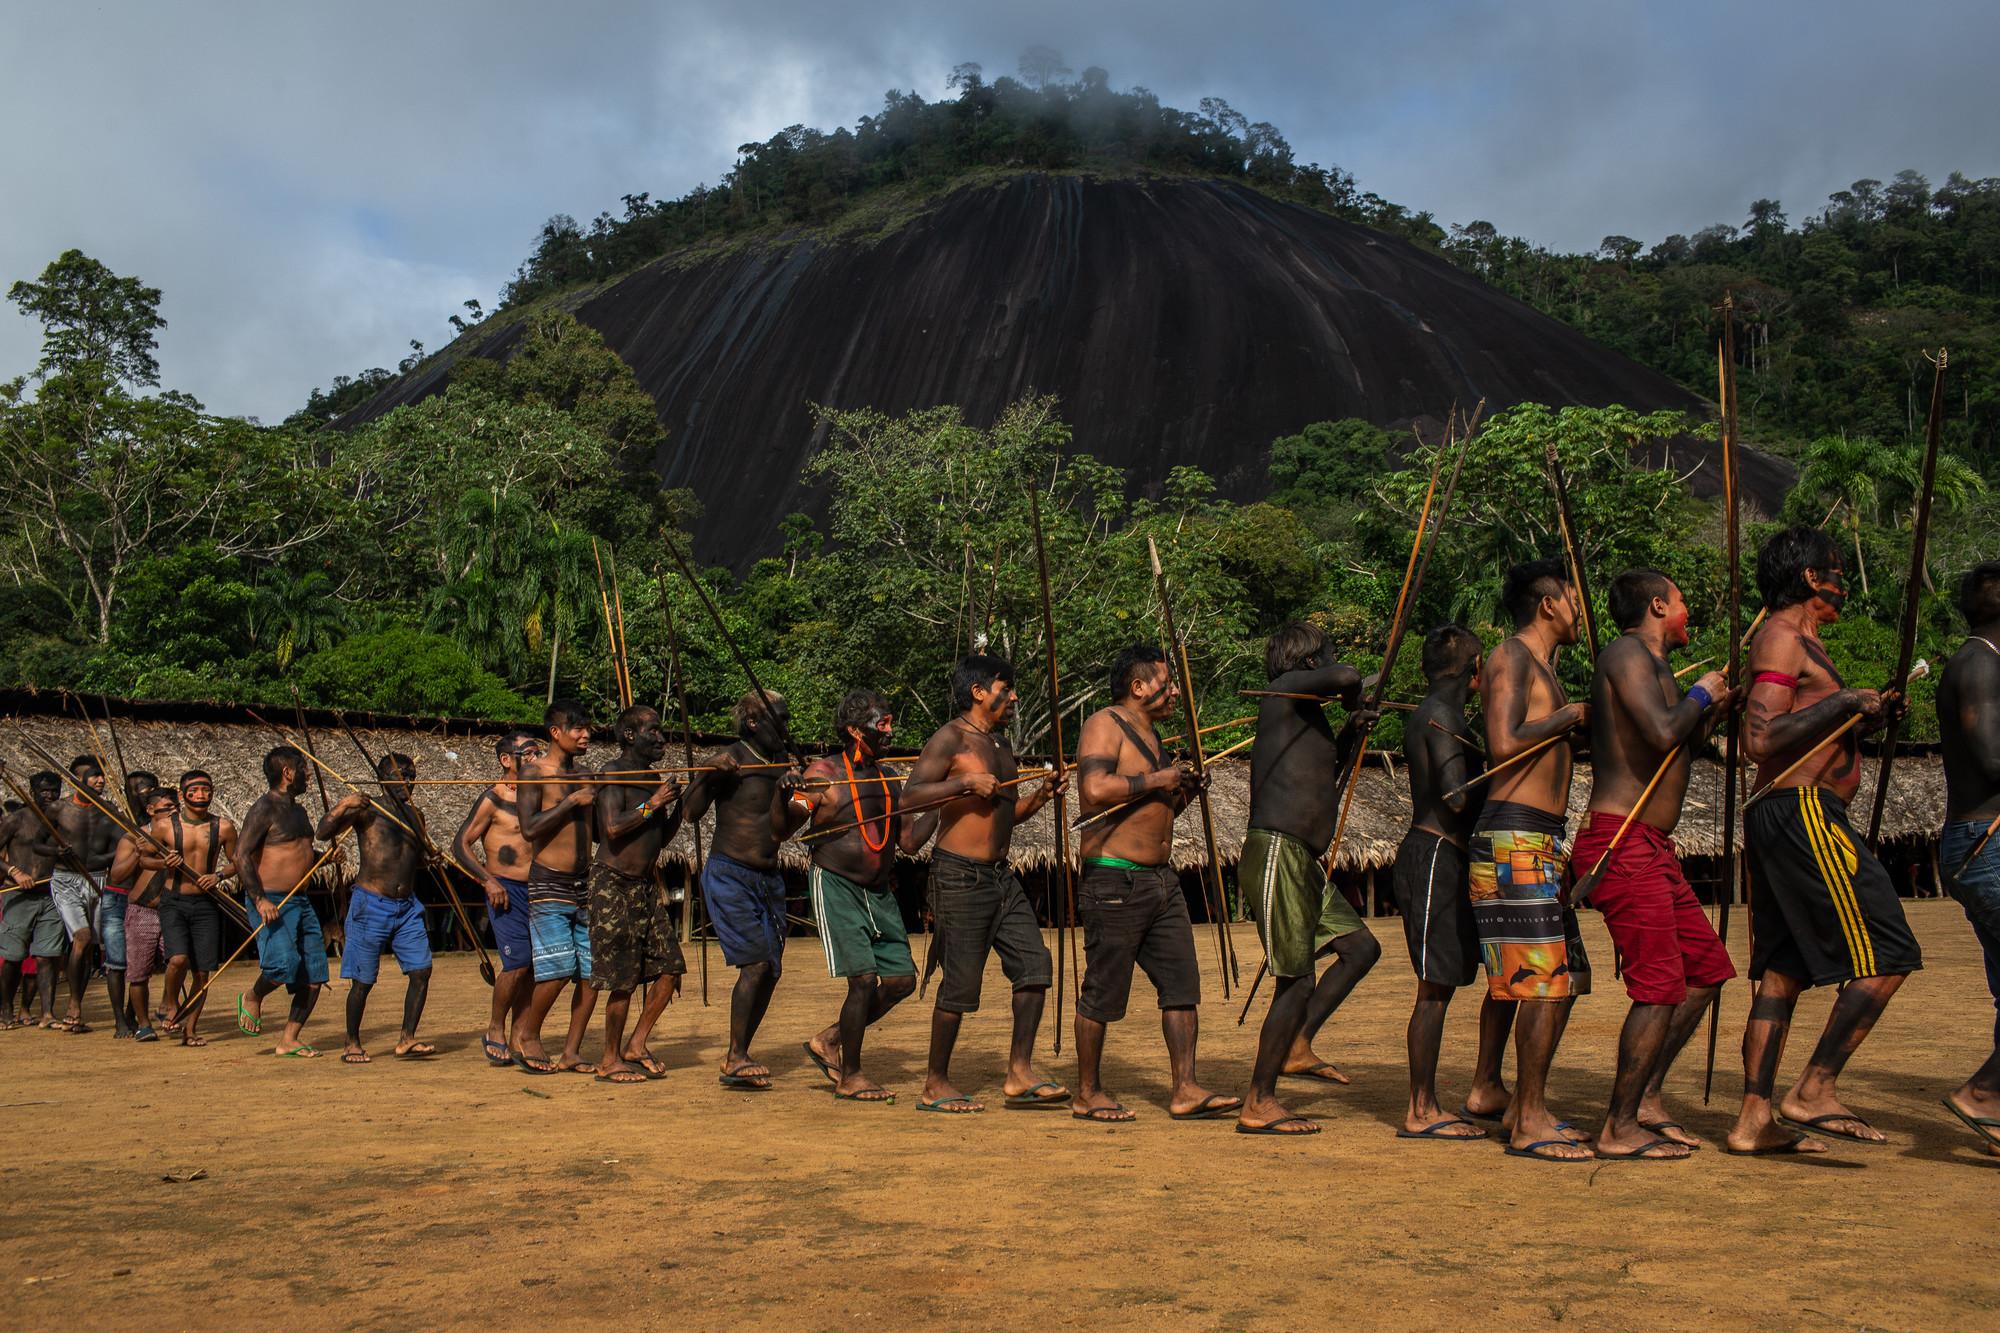 Os Yanomami em fileira durante o encontro de Lideranças Yanomami e Ye'kuana, onde os indígenas se manifestaram contra o garimpo em suas terras. O primeiro fórum de lideranças da TI Yanomami foi realizado entre 20 e 23 de novembro de 2019 na Comunidade Watoriki, região do Demini, Terra Indígena Yanomami